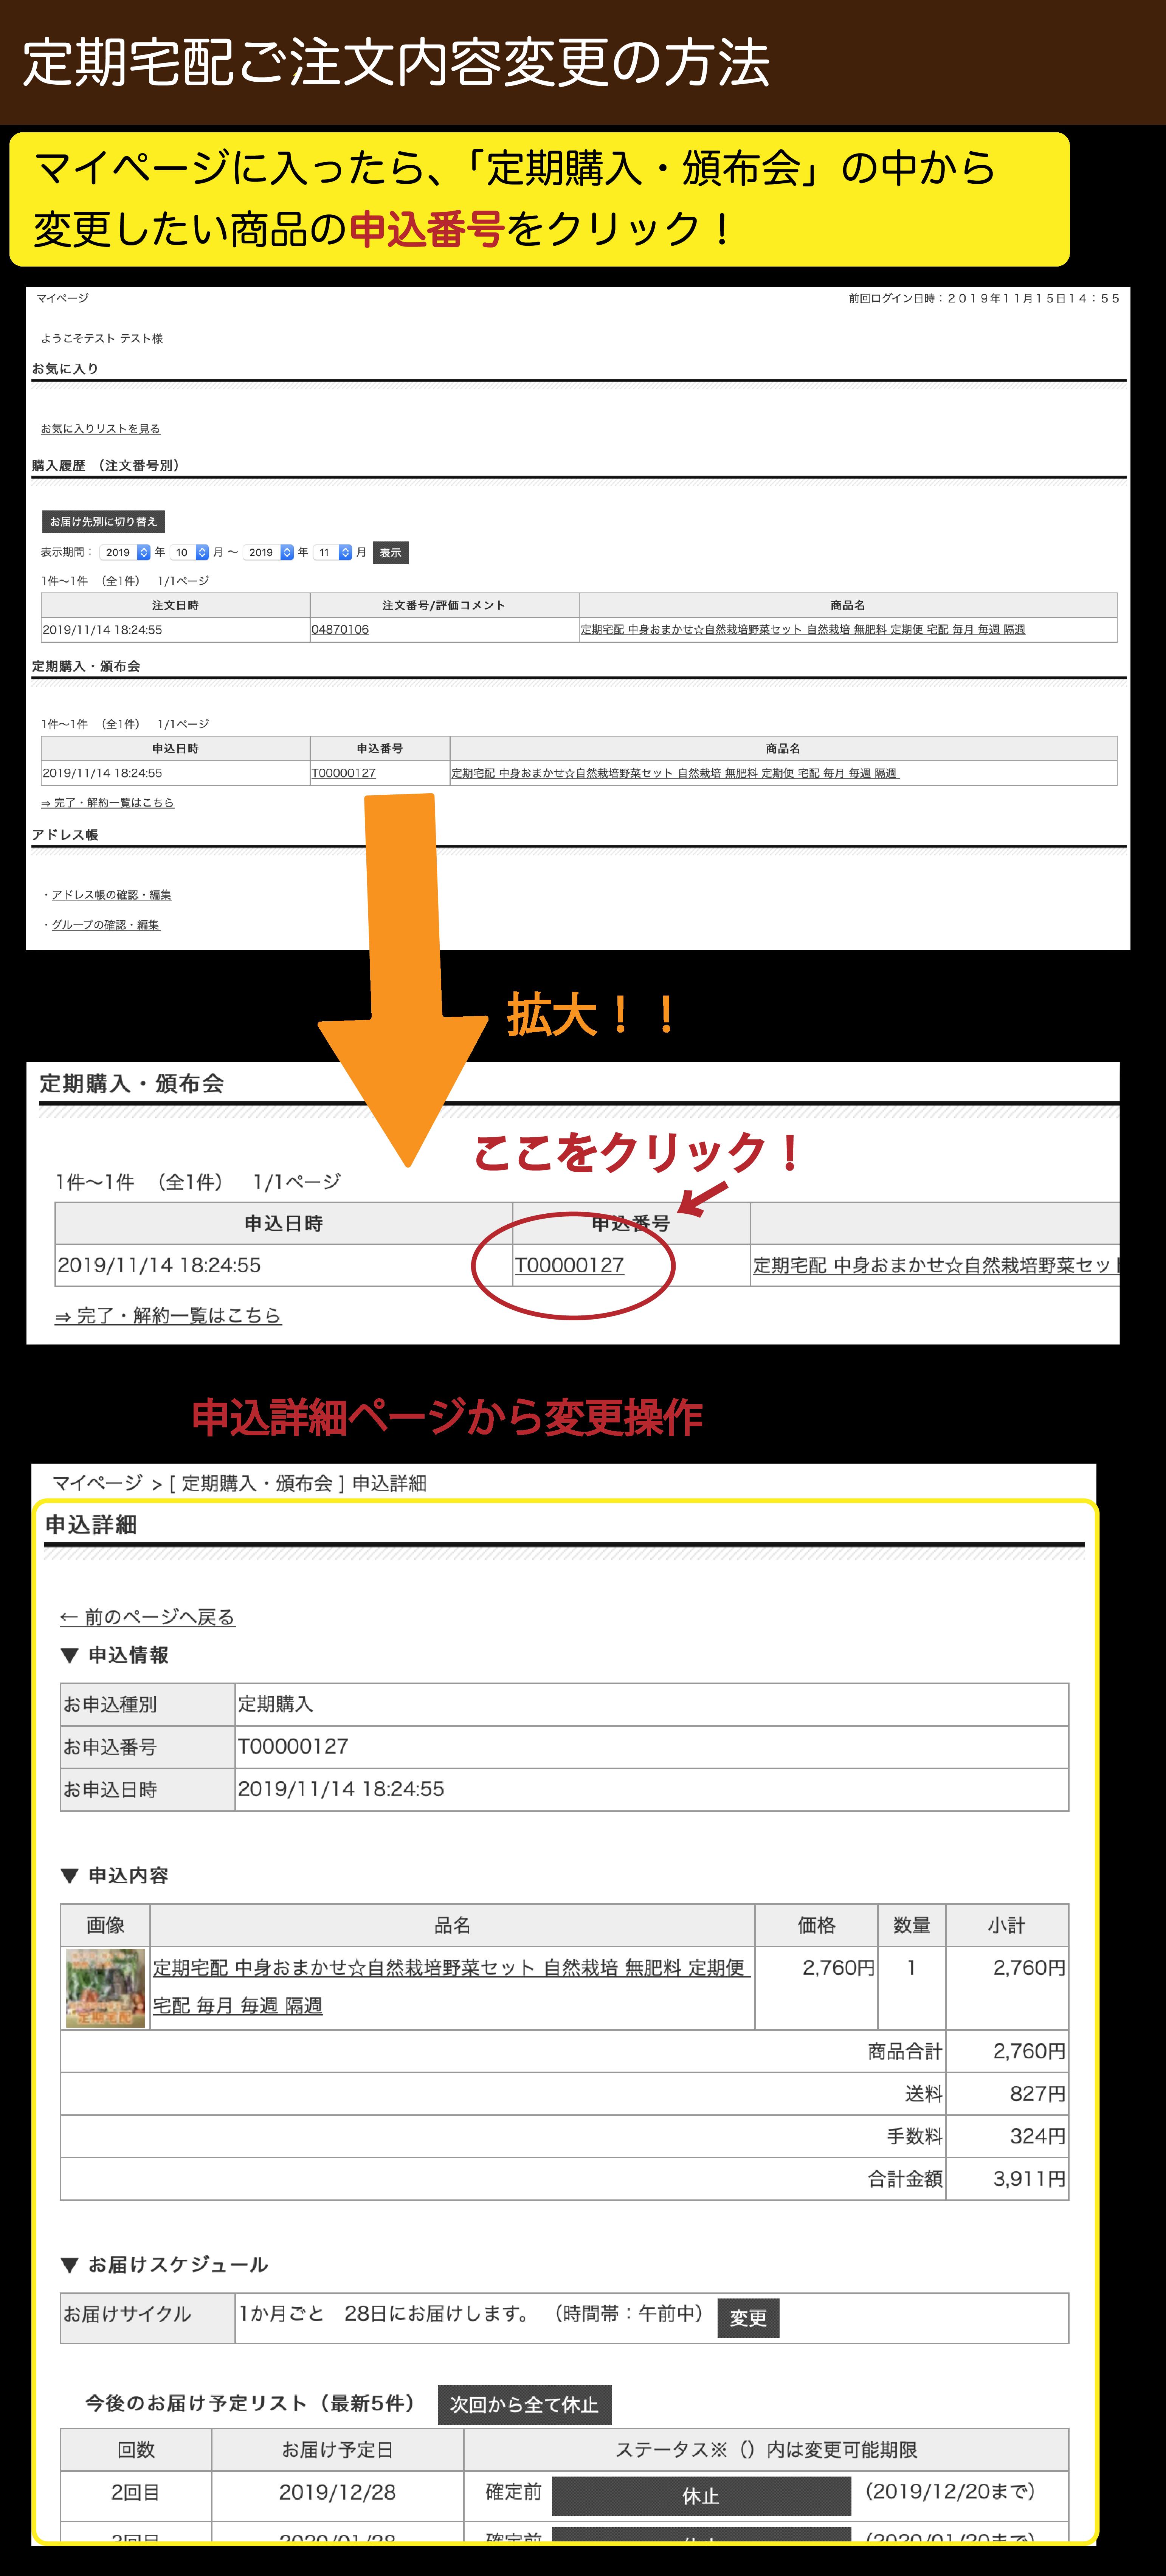 マイページ操作方法1